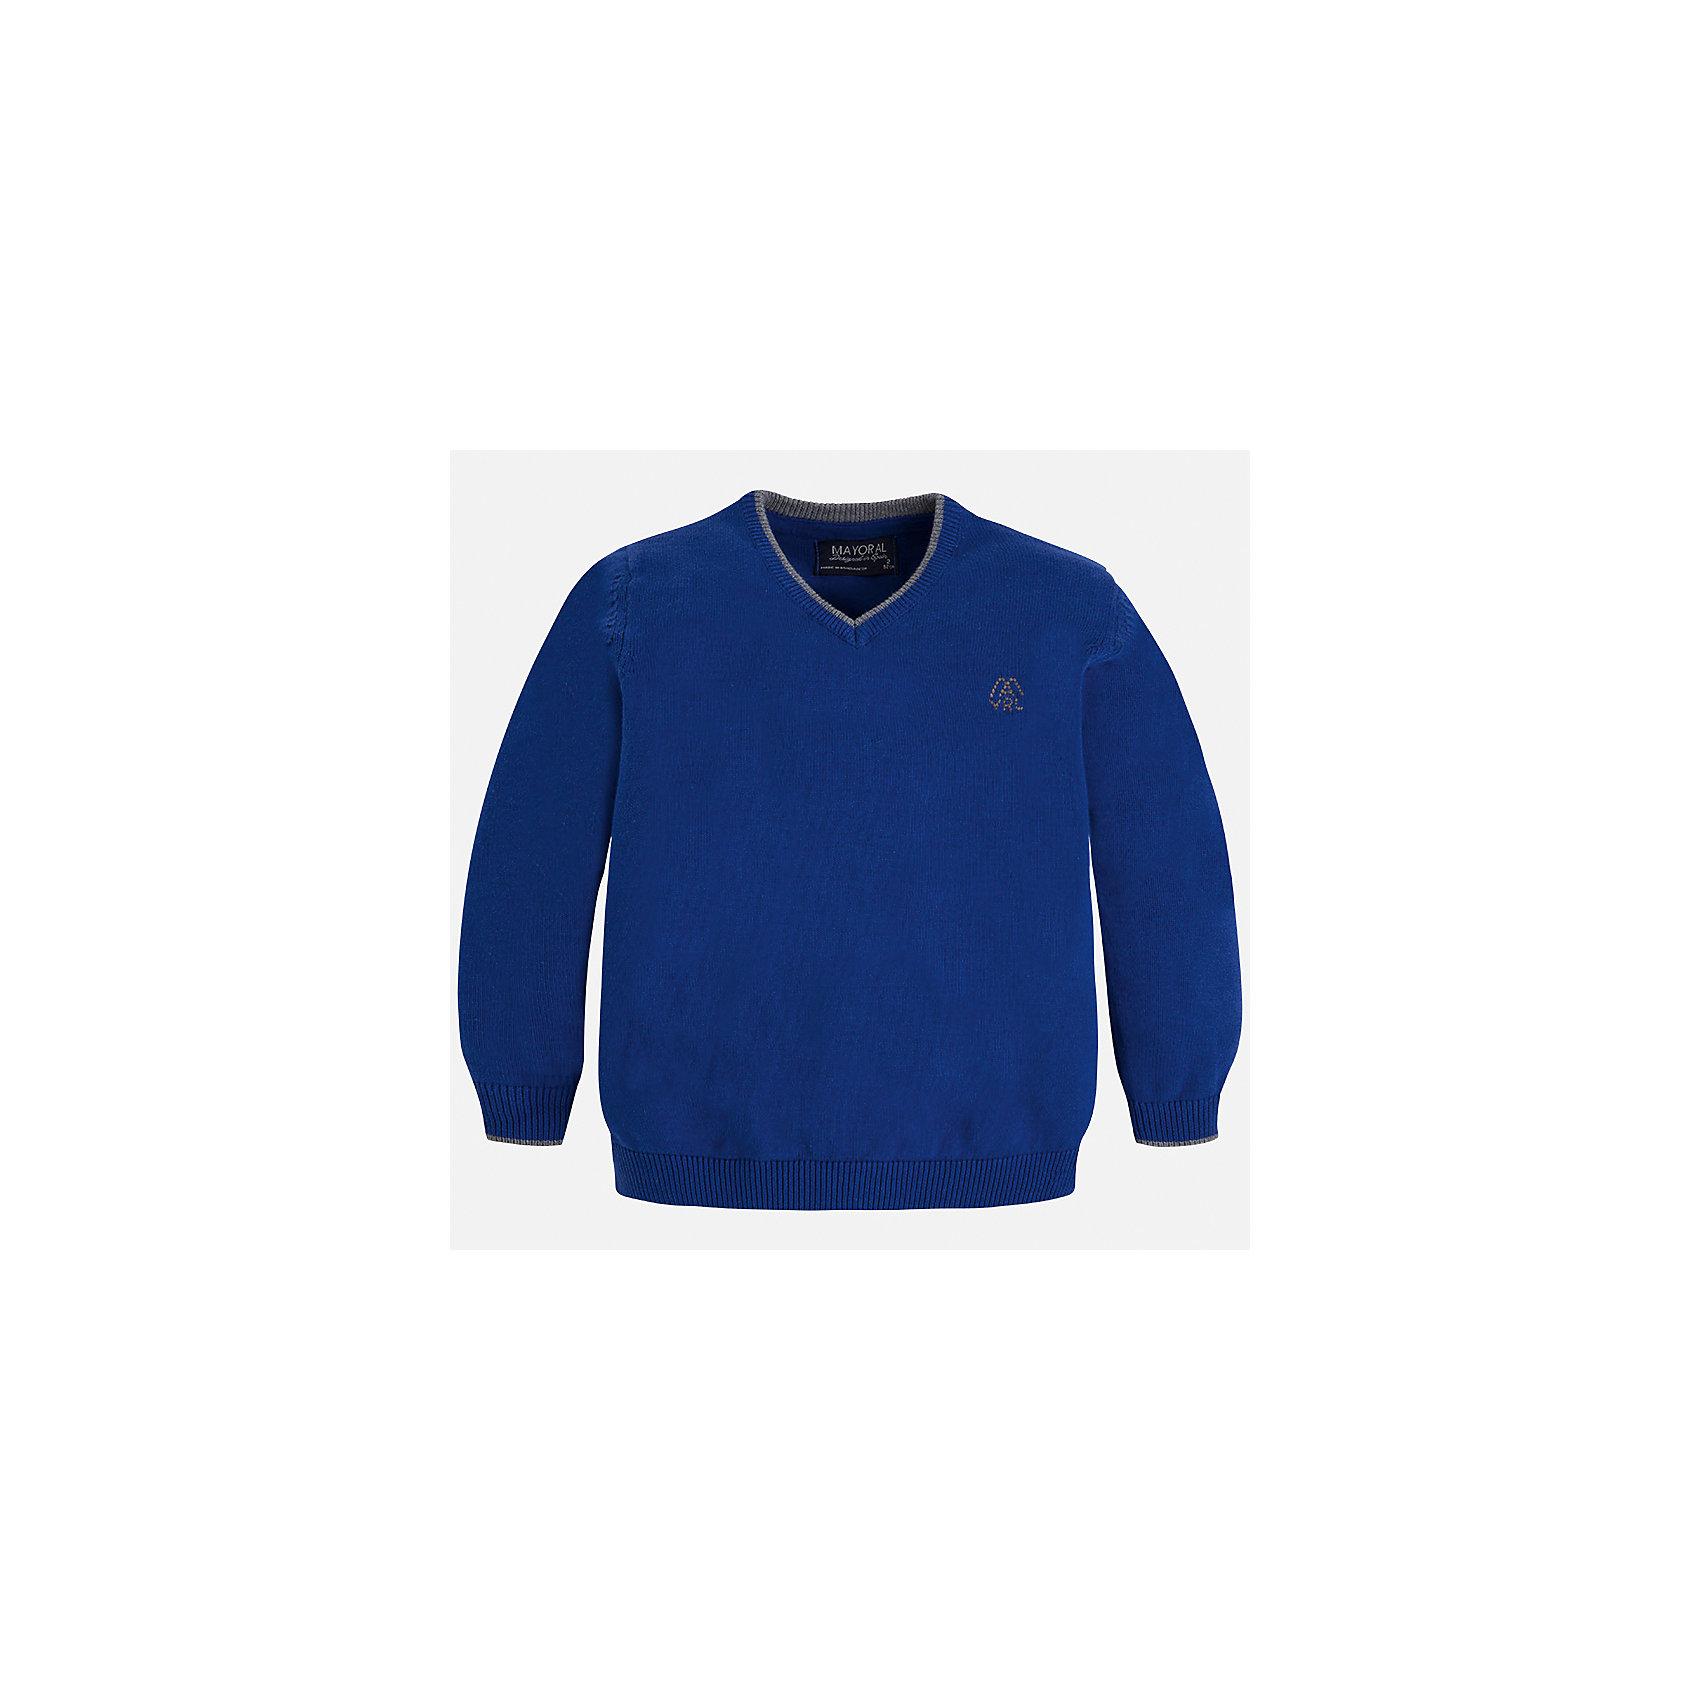 Свитер Mayoral для мальчикаСвитера и кардиганы<br>Характеристики товара:<br><br>• цвет: синий;<br>• состав ткани: 100% хлопок;<br>• сезон: демисезон;<br>• длинный рукав - реглан;<br>• однотонный;<br>• школьный;<br>• страна бренда: Испания;<br>• страна изготовитель: Бангладеш.<br><br>Свитер для мальчика от популярного бренда Mayoral из натурального и мягкого 100% хлопка тонкой вязки, декорирован принтом в виде логотипа с вышивкой на груди. Имеет V-образный вырез и уплотненные края на руковах и поясе  с контрастной  оконтовкой. Модель смотрится аккуратно и стильно как с джинсами, так и в сочетании со школьной формой.<br><br>Для производства детской одежды популярный бренд Mayoral используют только качественную фурнитуру и материалы. Оригинальные и модные вещи от Майорал неизменно привлекают внимание и нравятся детям.<br><br>Свитер для мальчика Mayoral (Майорал) можно купить в нашем интернет-магазине.<br><br>Ширина мм: 190<br>Глубина мм: 74<br>Высота мм: 229<br>Вес г: 236<br>Цвет: синий<br>Возраст от месяцев: 96<br>Возраст до месяцев: 108<br>Пол: Мужской<br>Возраст: Детский<br>Размер: 134,92,98,104,110,116,122,128<br>SKU: 6931859